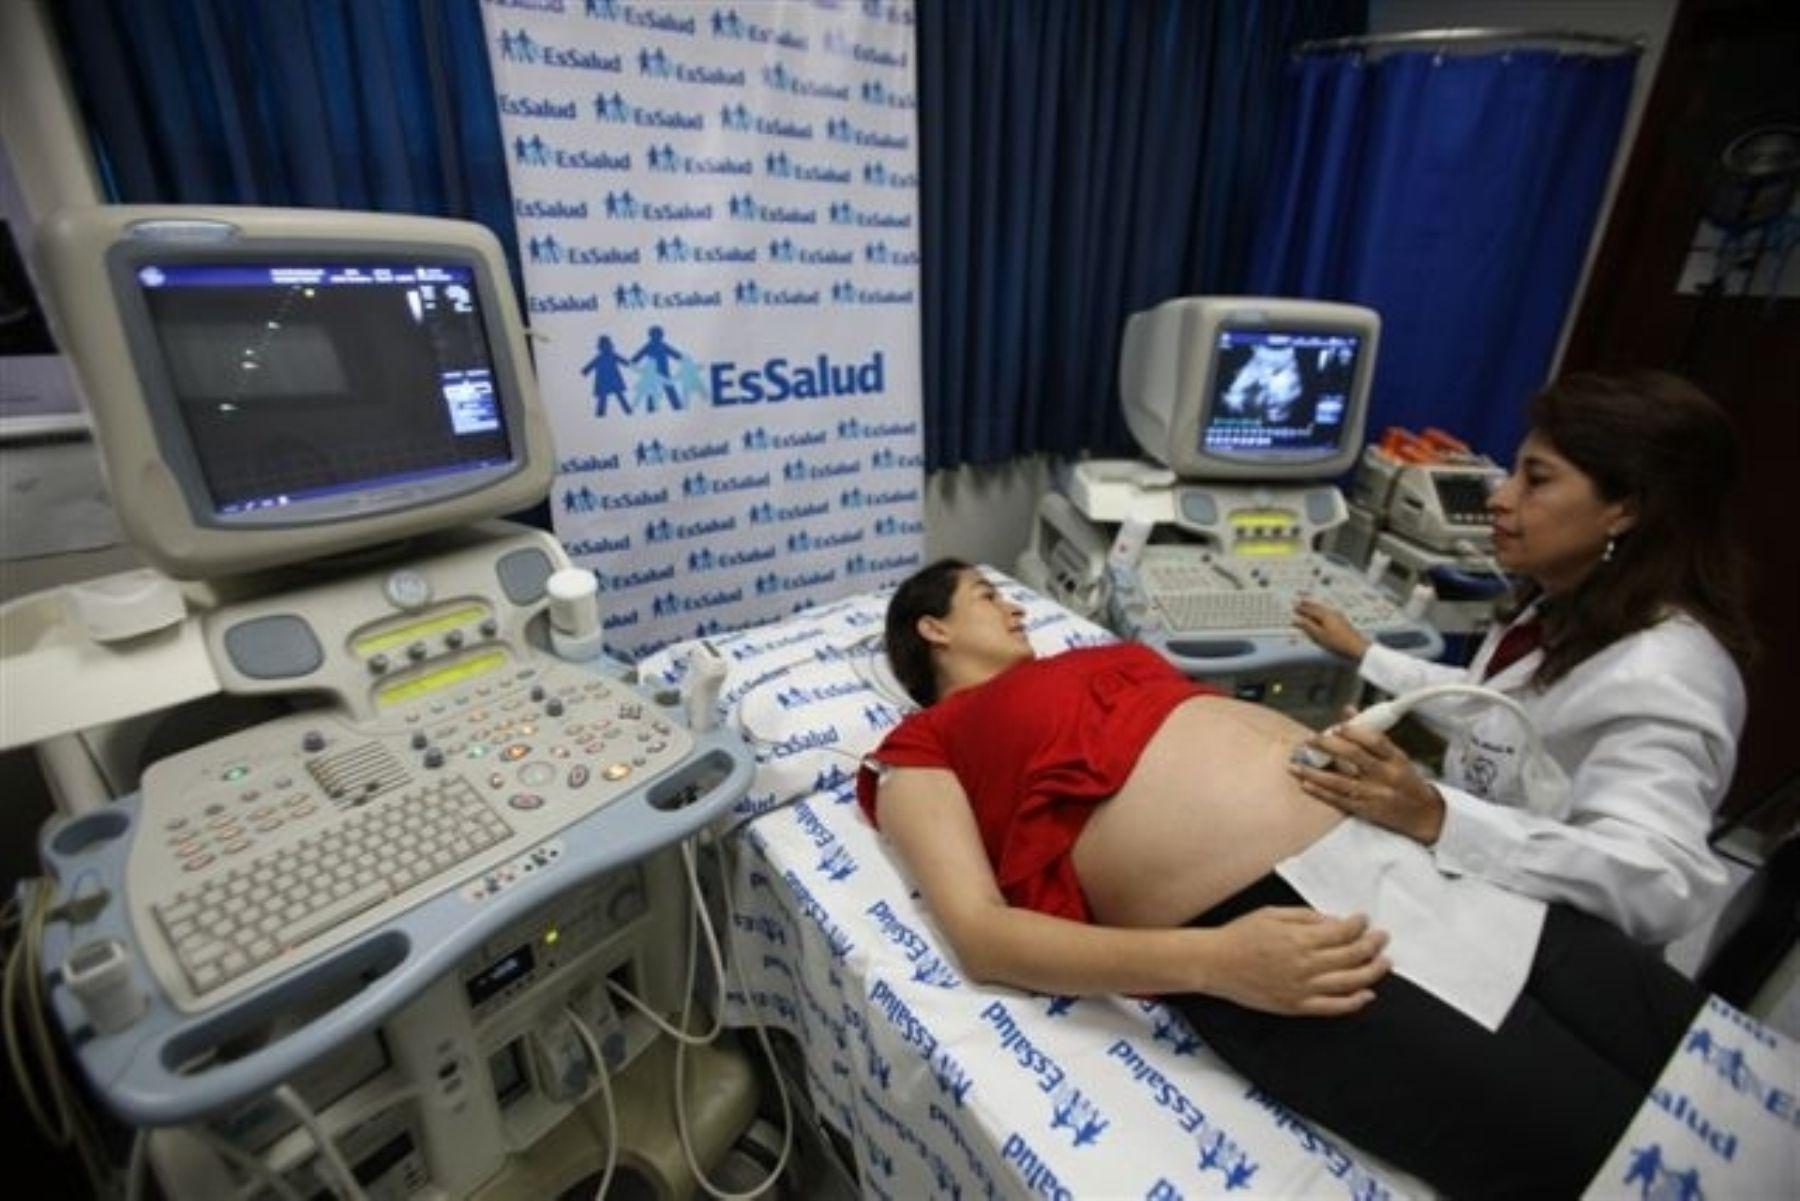 Moderno ecocardiógrafo posee el Instituto Nacional del Corazón de EsSalud, el cual permite advertir si un bebé en gestación presenta problemas cardiovasculares. Foto: EsSalud.